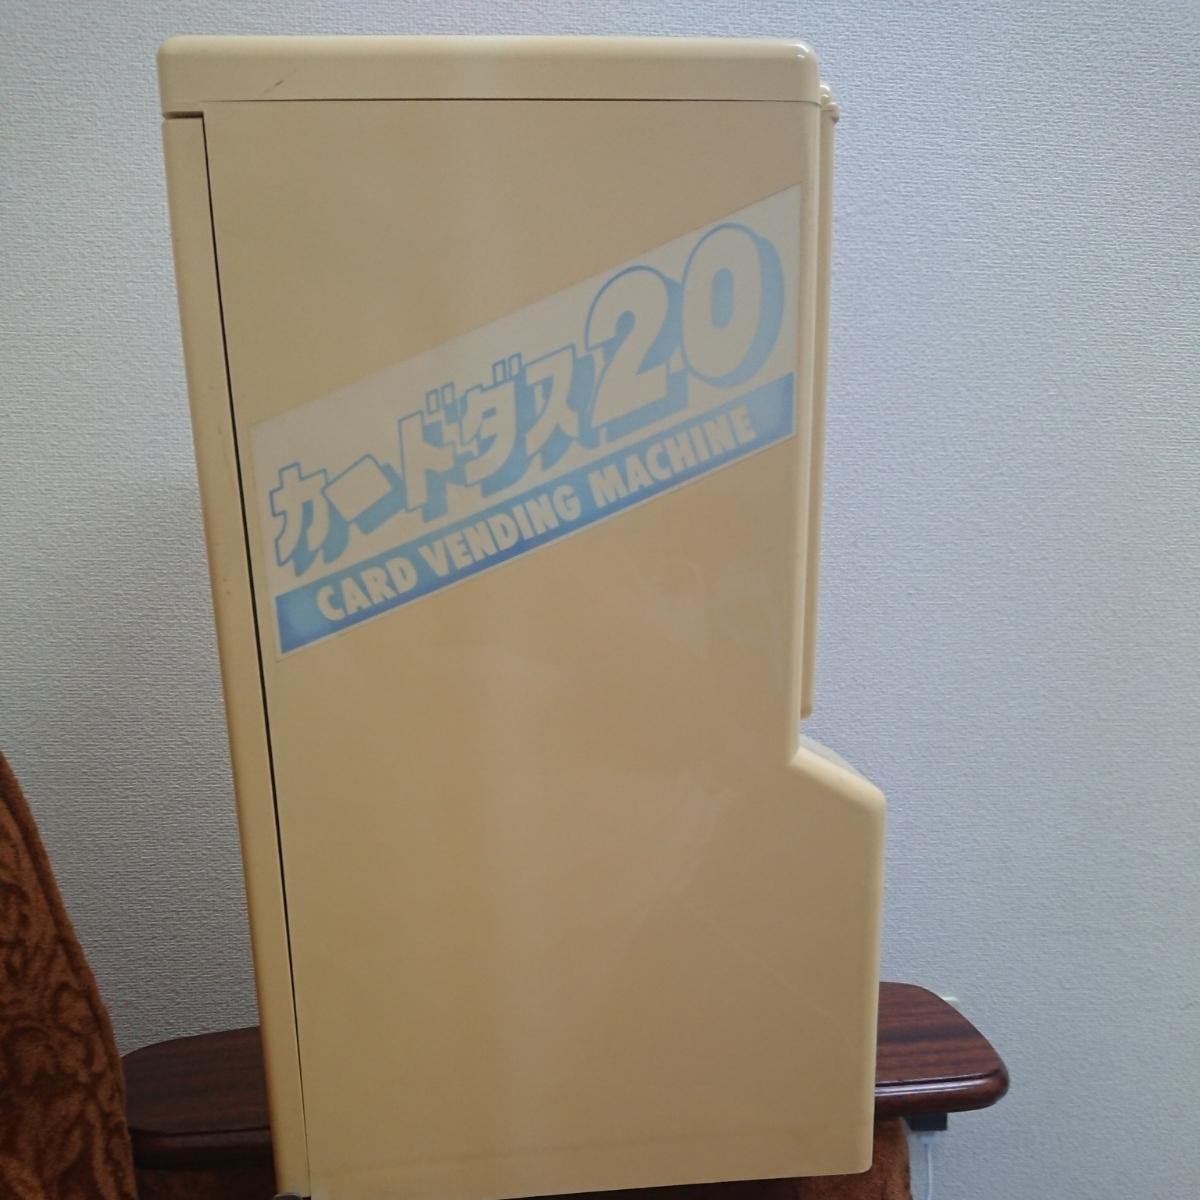 ■1円~ バンダイ カードダス20 1988年製 本体 可動品 台紙は クレヨンしんちゃん part3 発送はゆうパック120_画像6